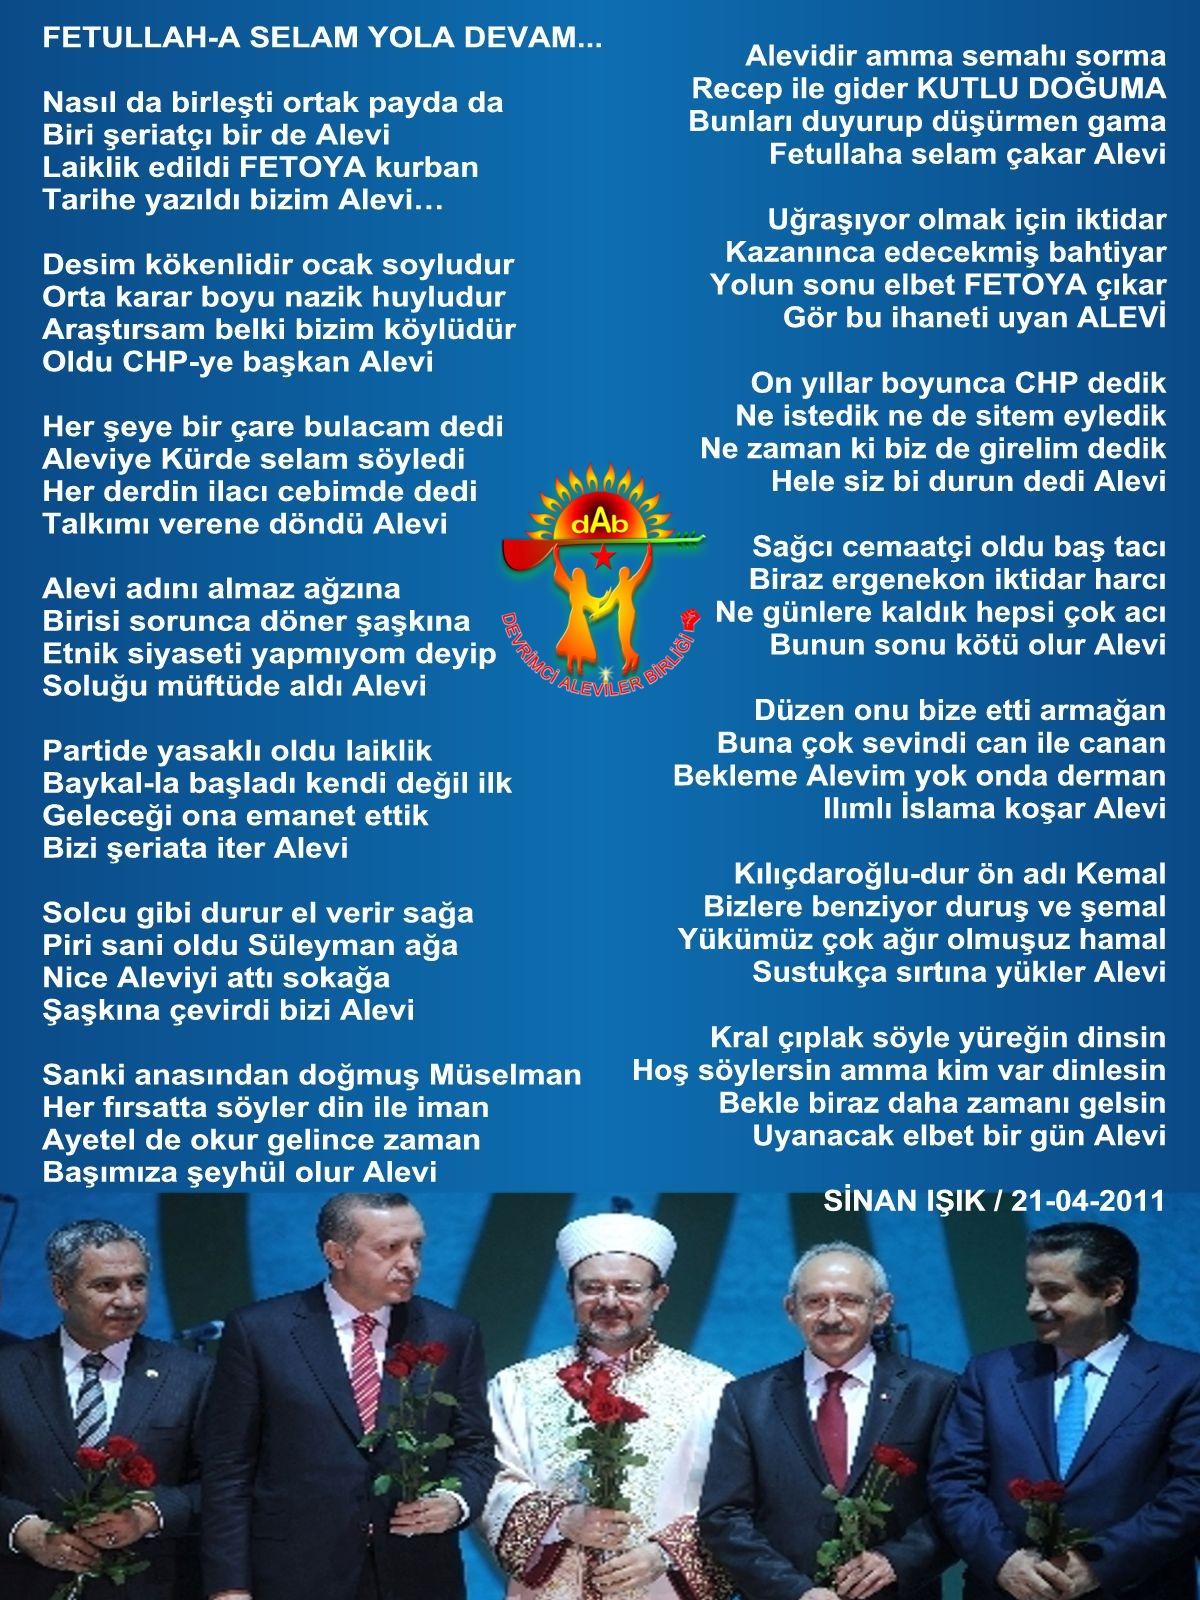 Alevi Bektaşi Kızılbaş Pir Sultan Devrimci Aleviler Birliği DAB erdogan_kilicdaroglu_kutludogum siir